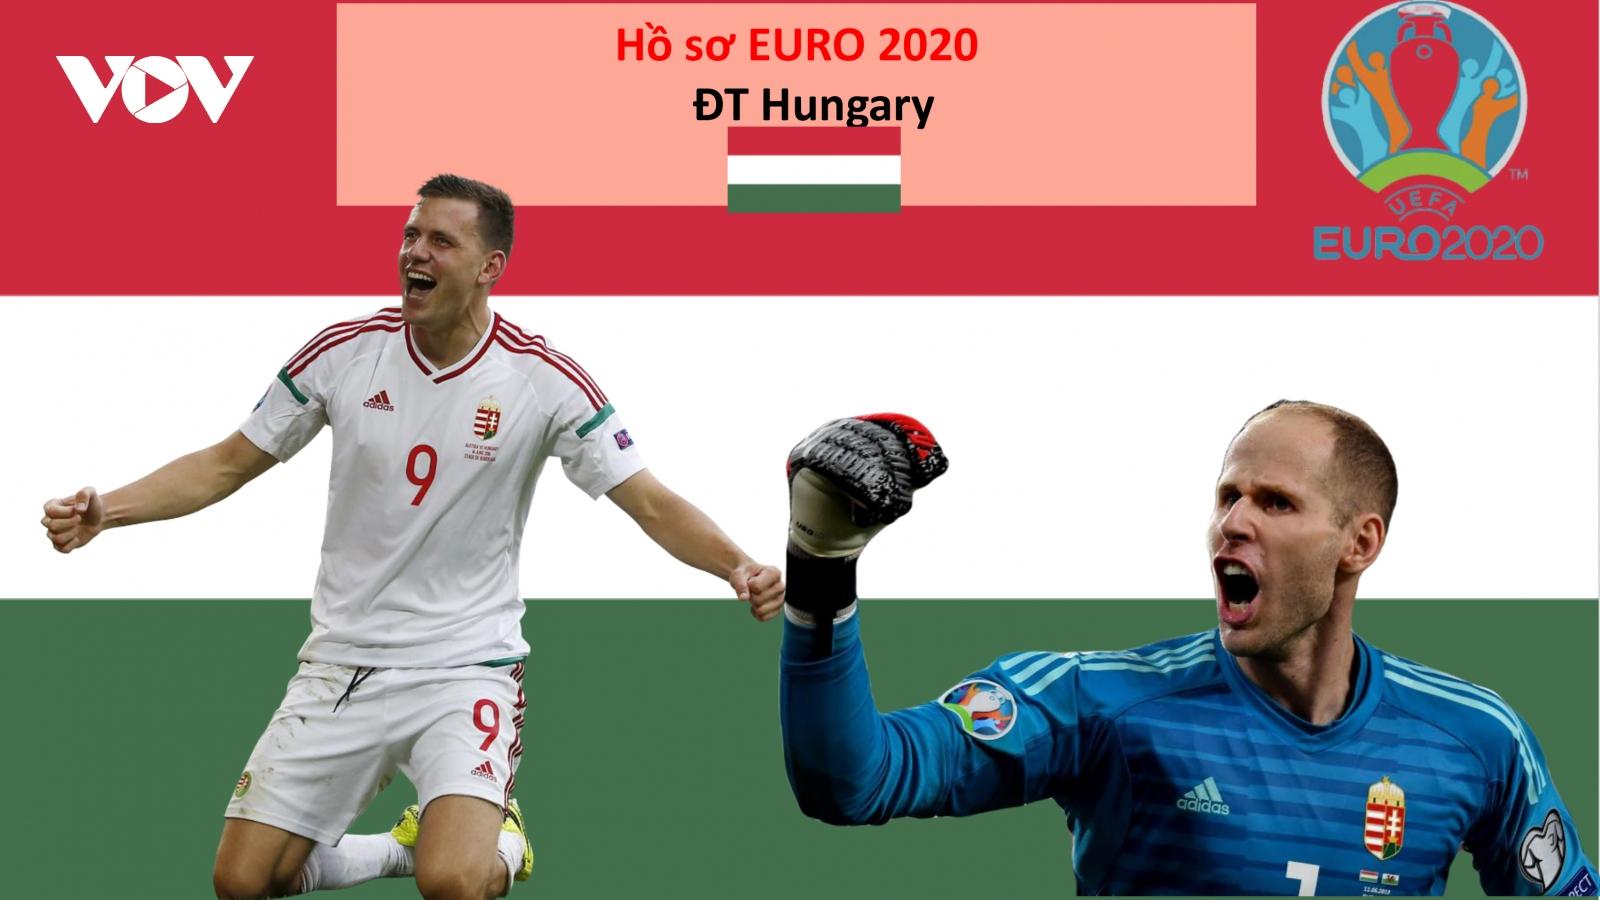 Hồ sơ các ĐT dự EURO 2020: Đội tuyển Hungary